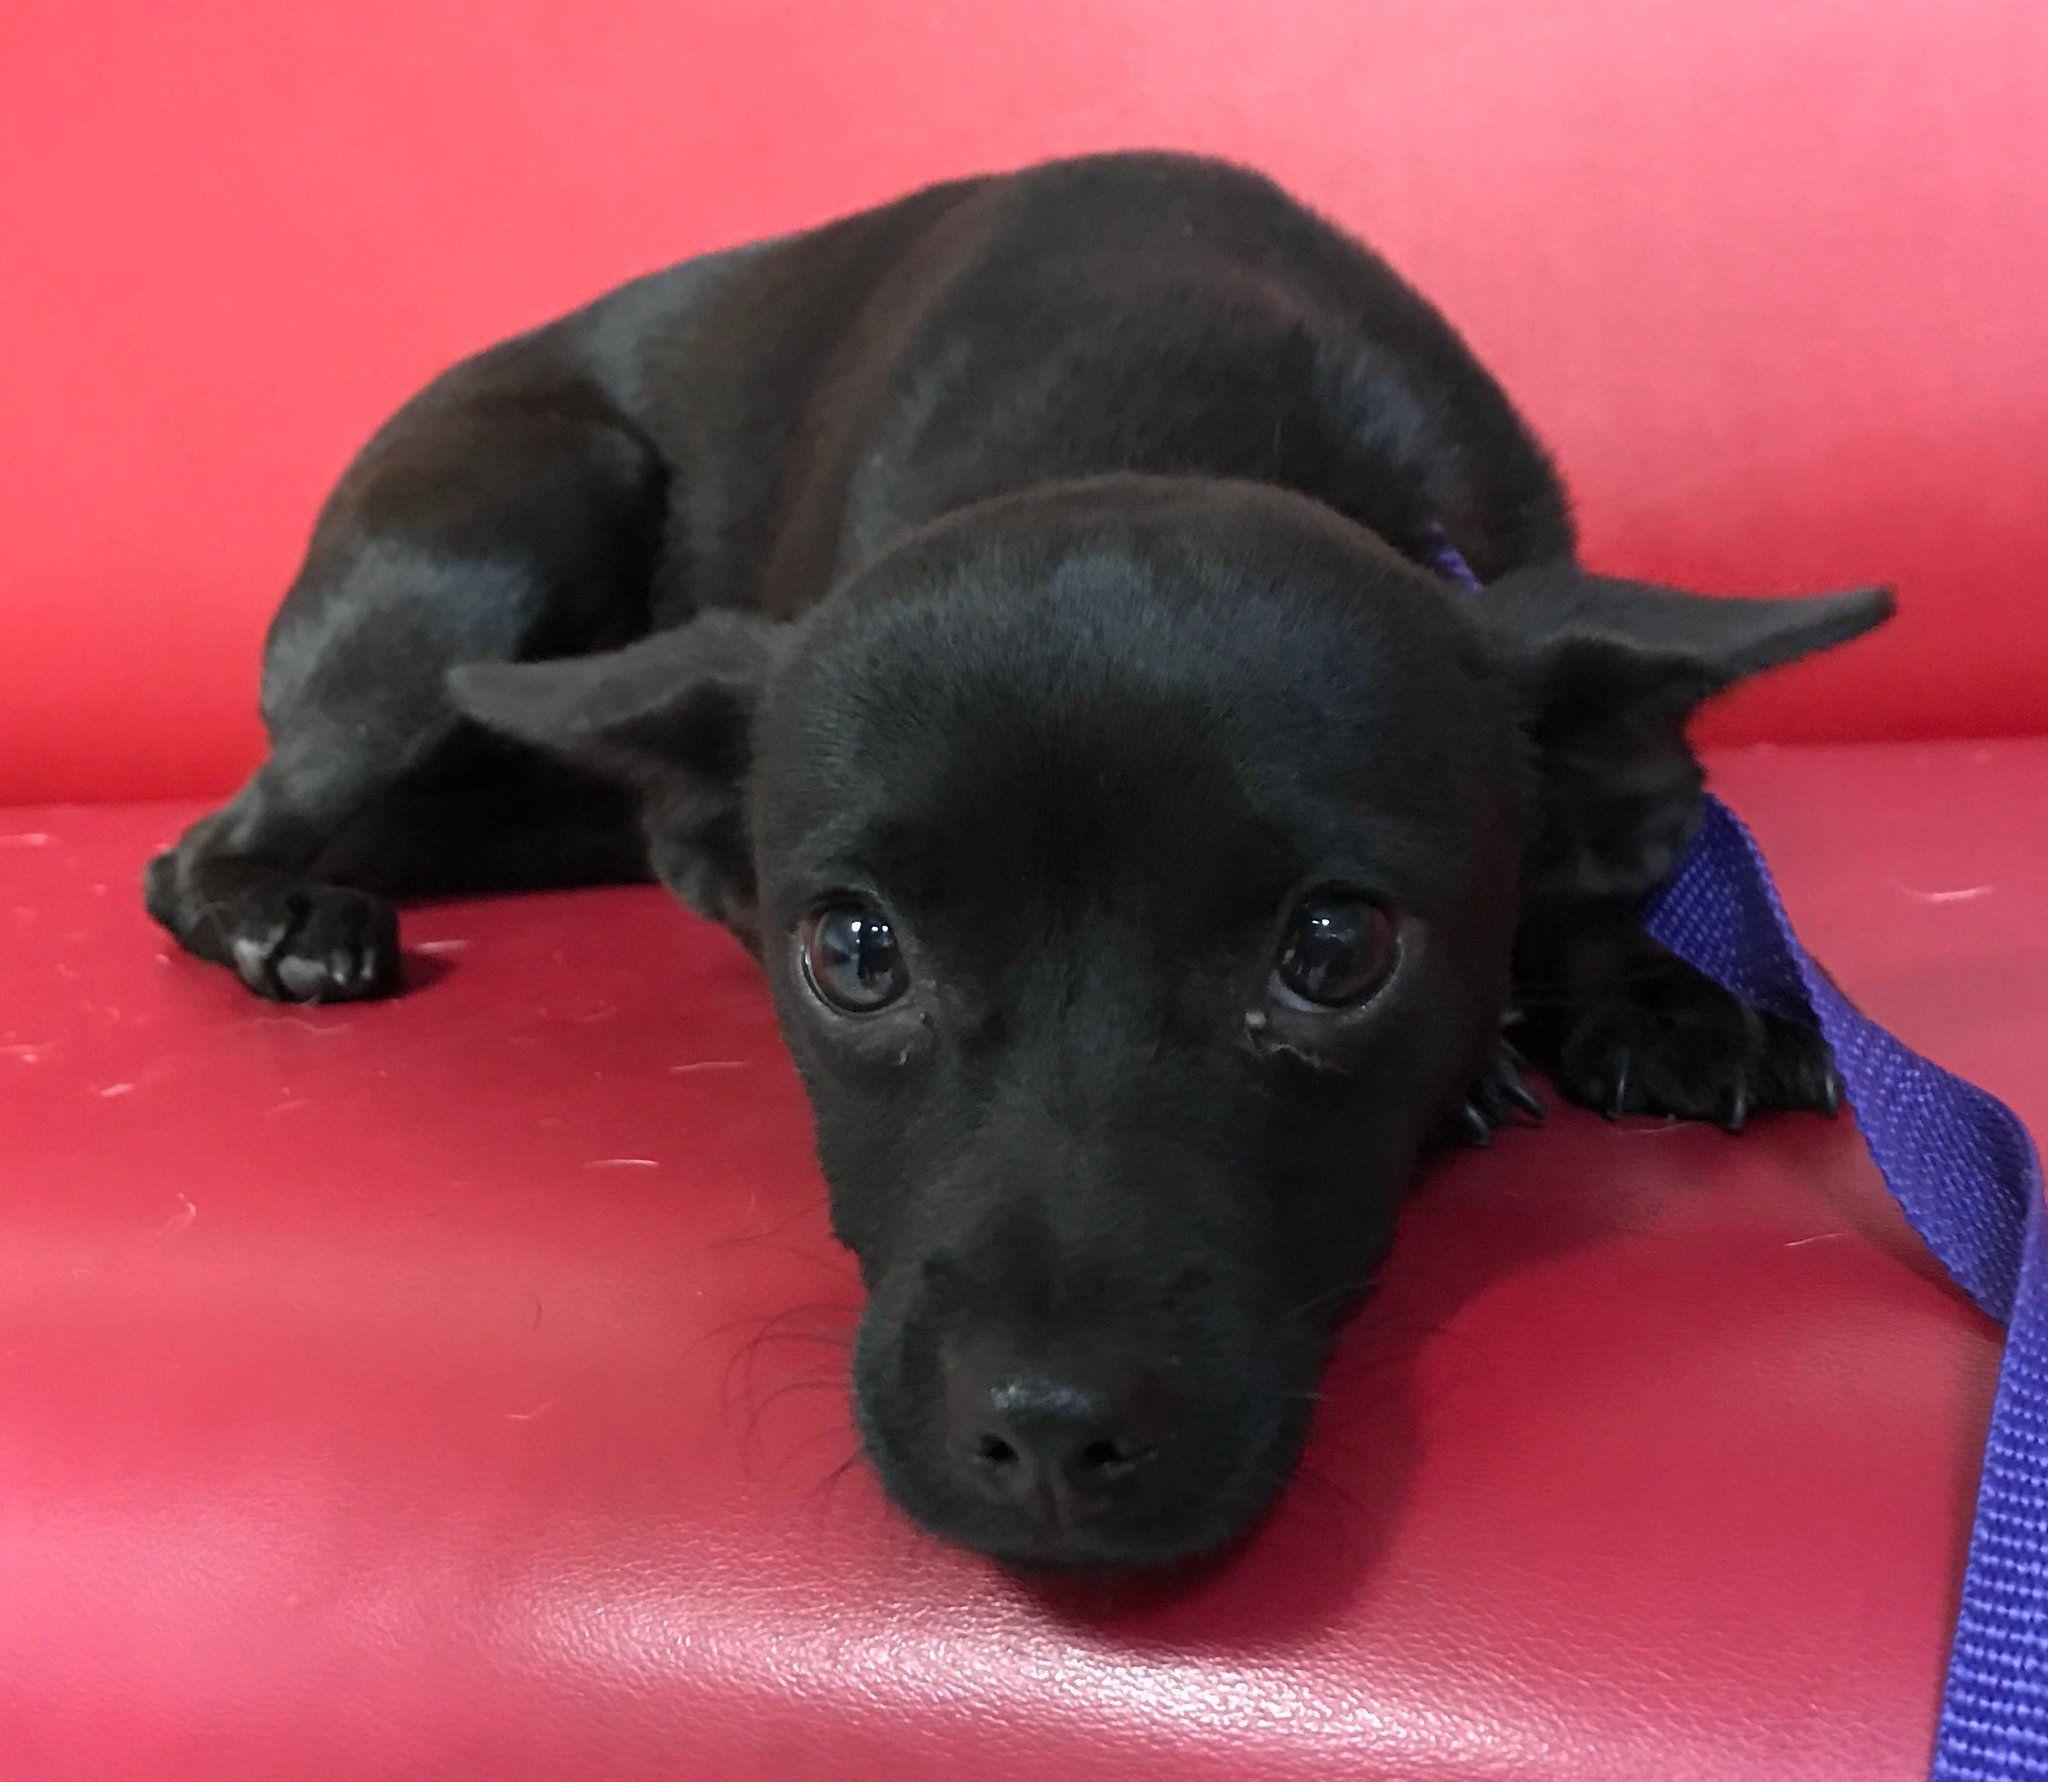 Craigslist Los Angeles Pets Chihuahua - Wayang Pets